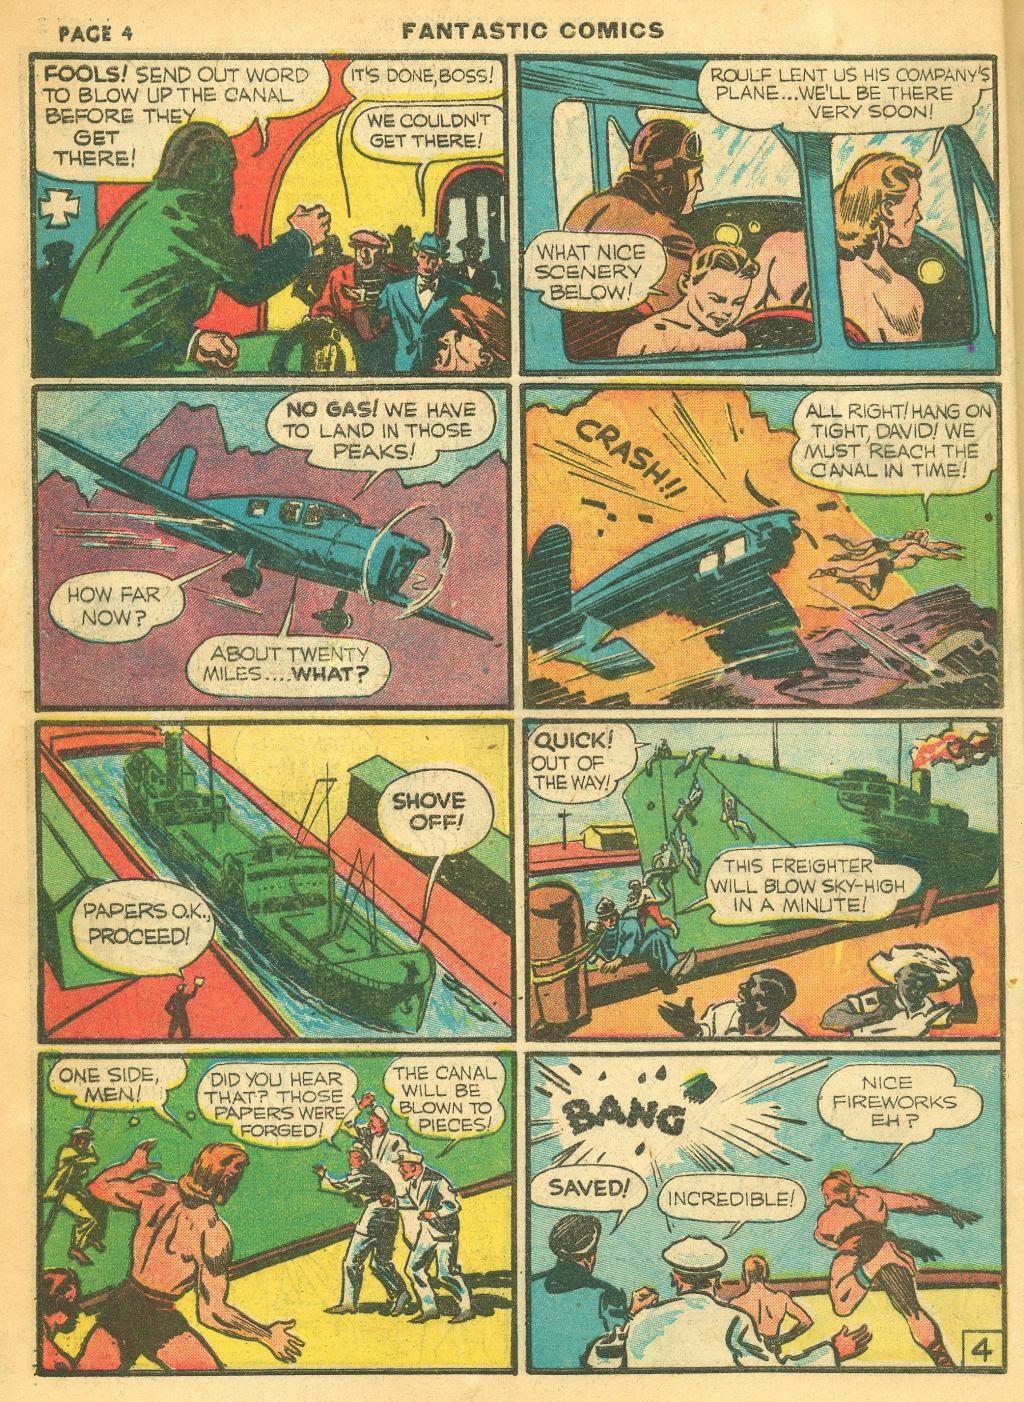 Read online Fantastic Comics comic -  Issue #12 - 6